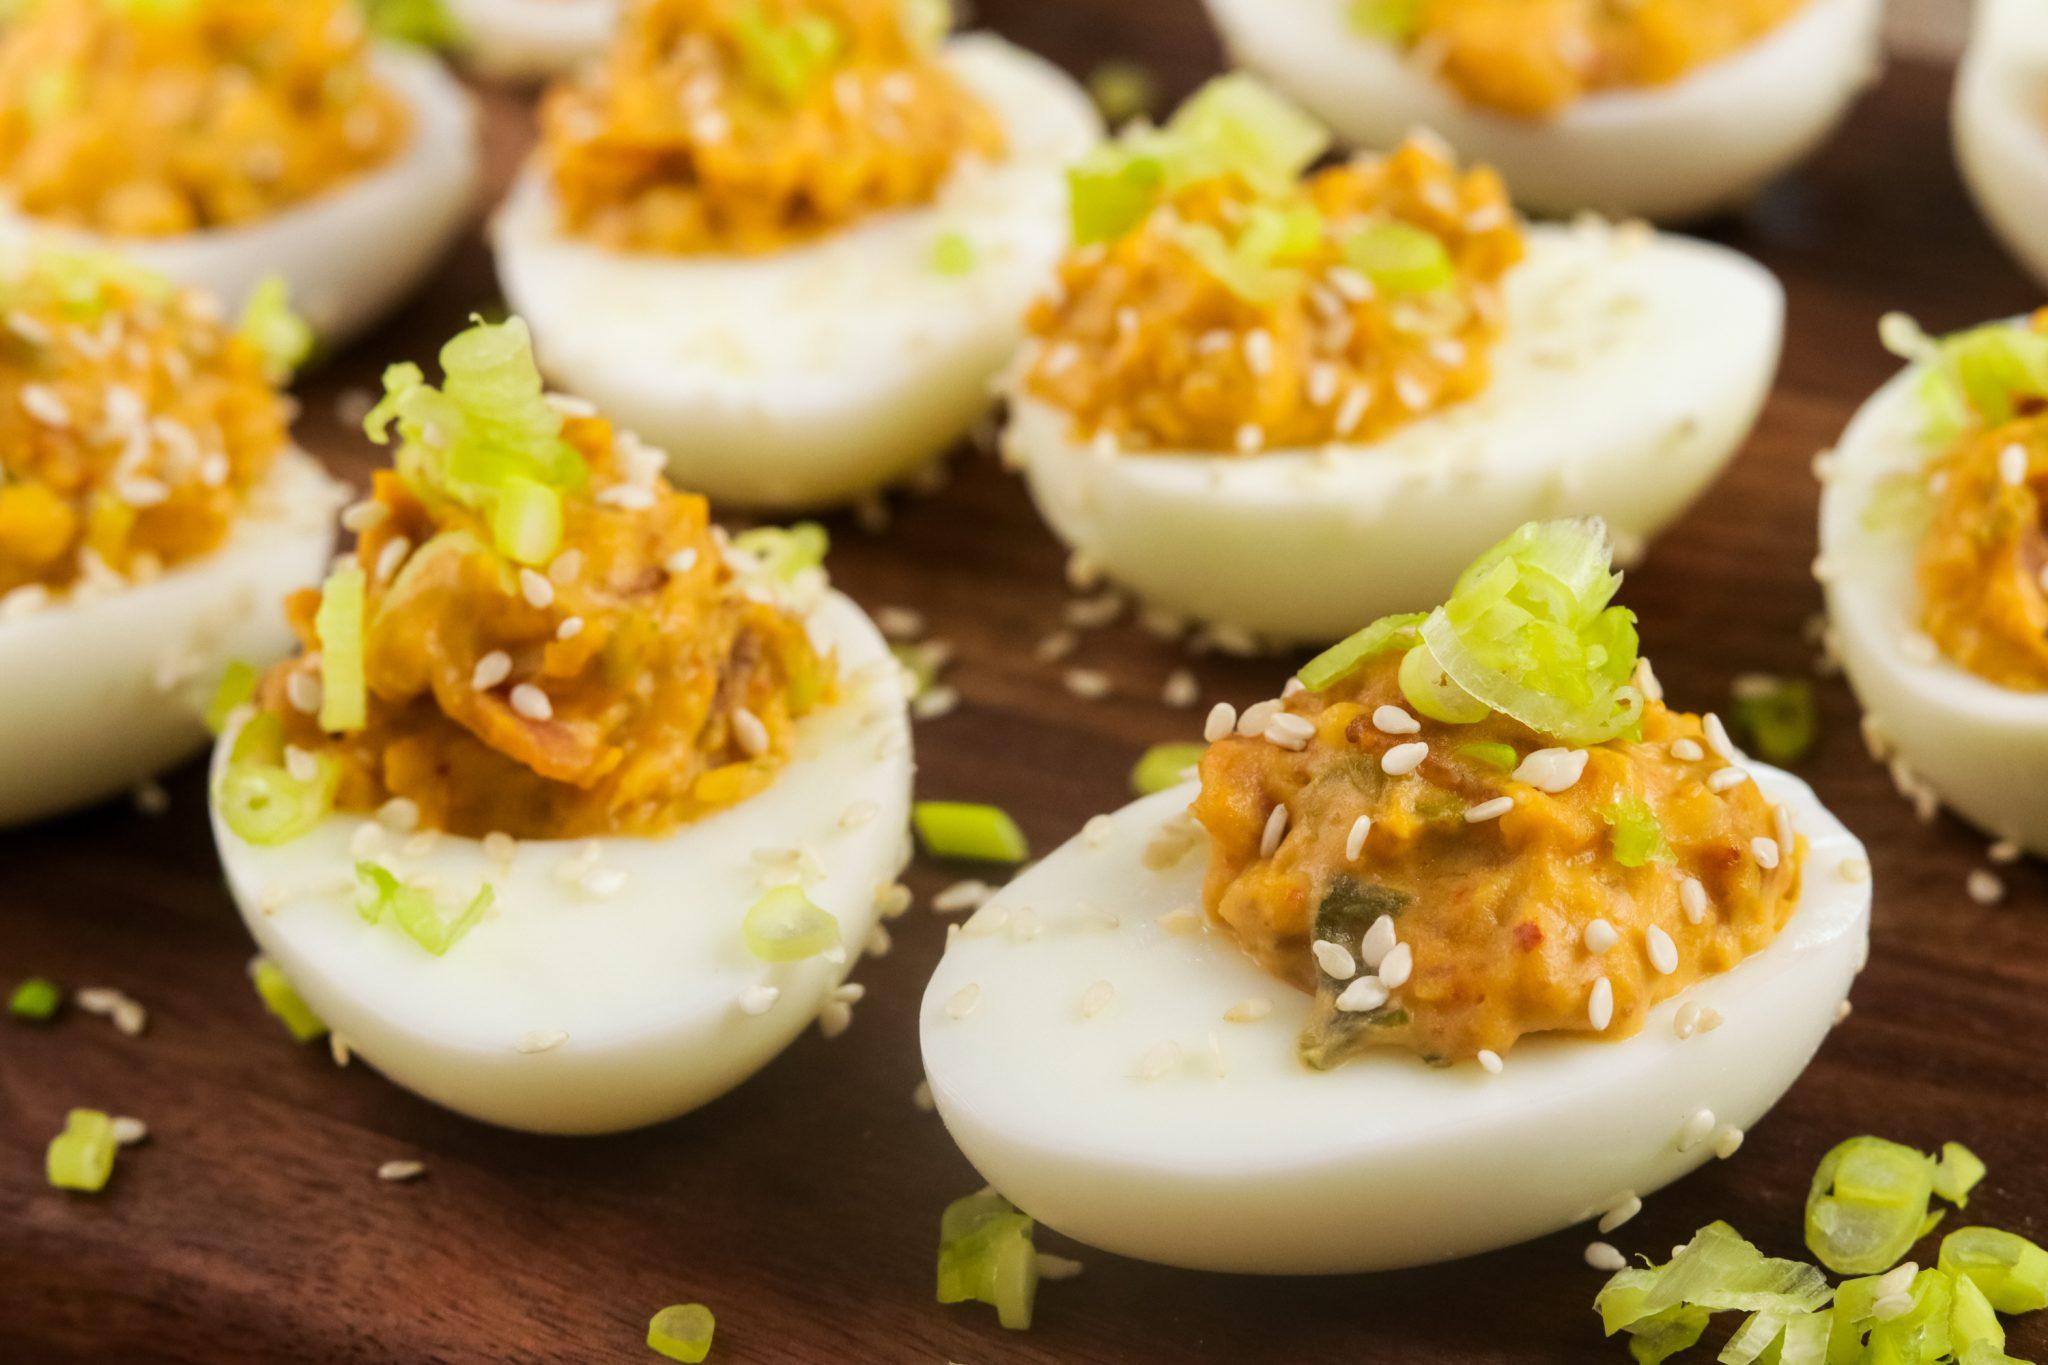 Ketogenic Recipes: Bacon and Kimchi Deviled Eggs